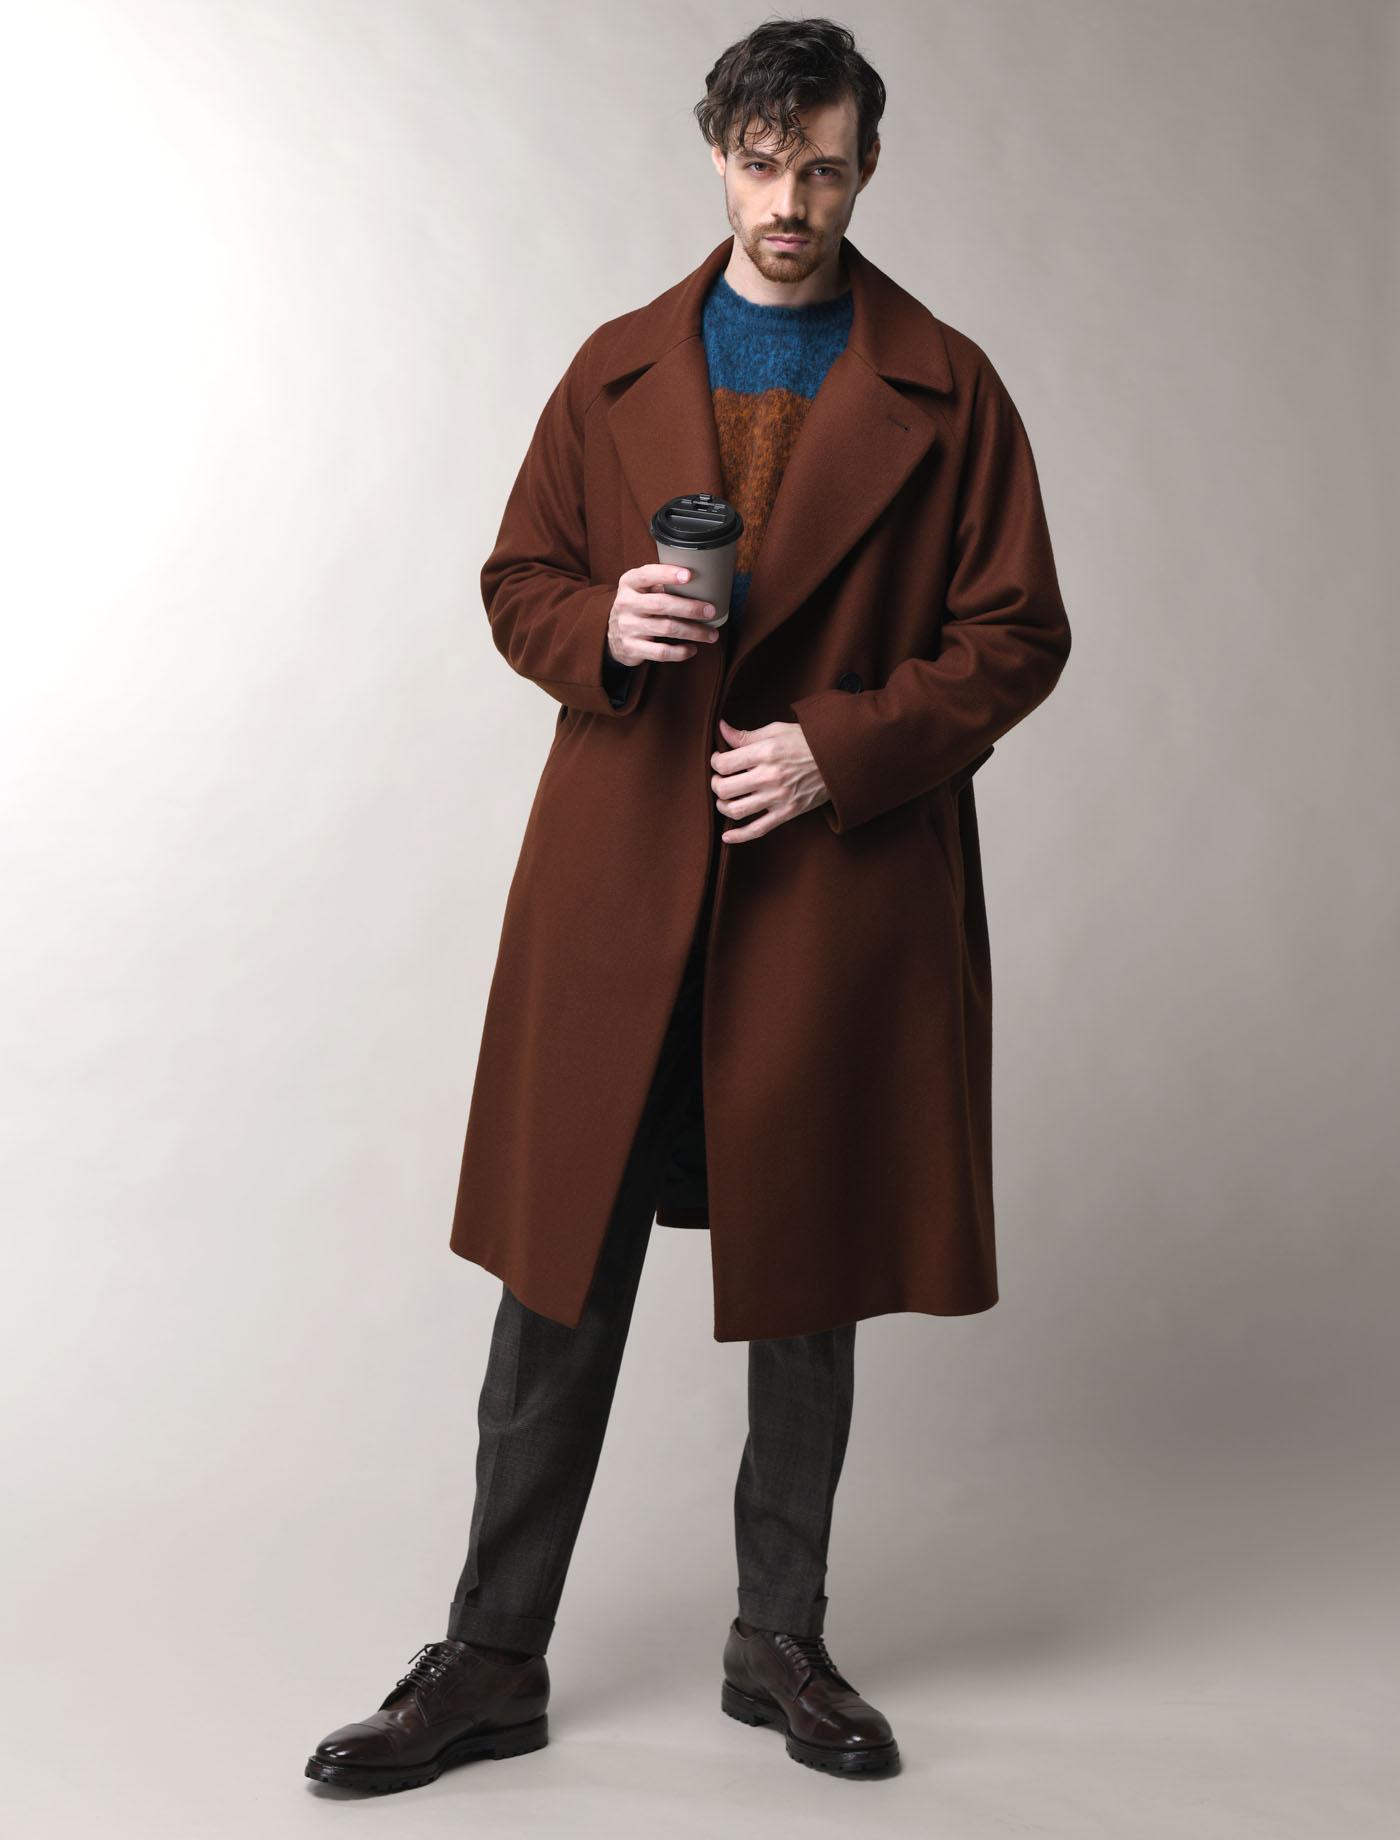 STYLE95 WOOL COAT STYLING_HEVO(イーヴォ)のコートとFILIPPO DE LAURENTIIS(フィリップデローレンティス)のニット、BRIGLIA1949(ブリリア1949)のパンツで仕上げたカジュアルコートスタイリング